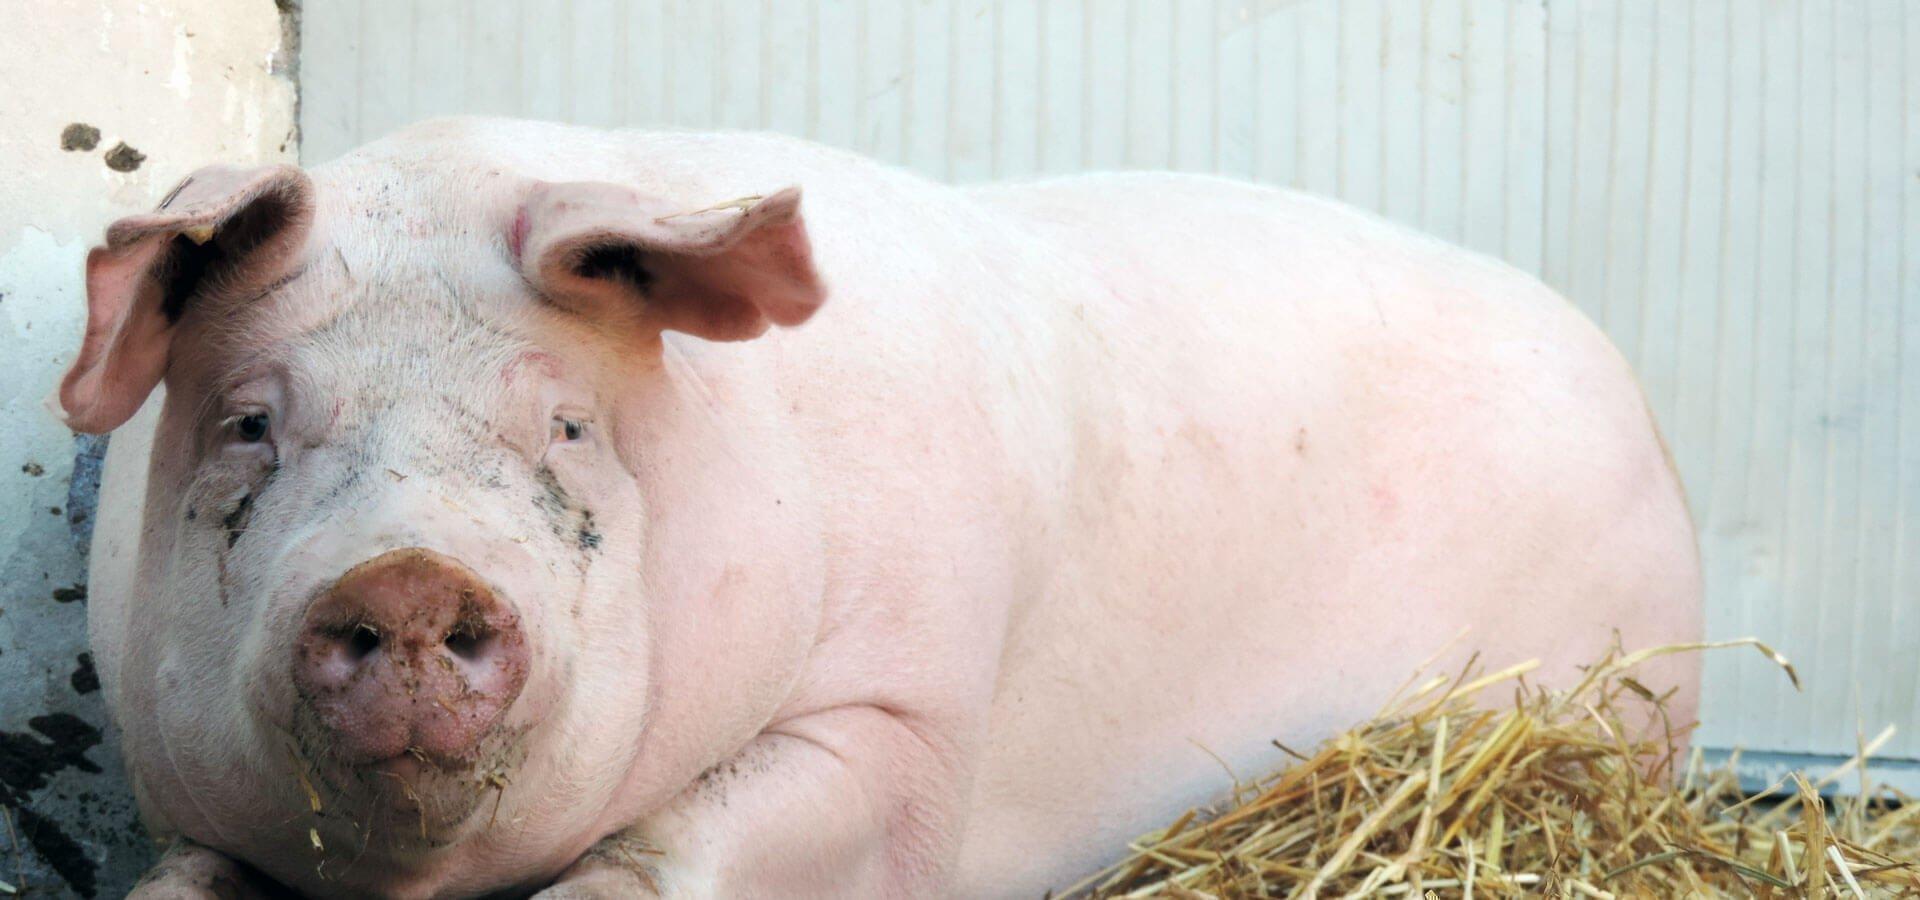 kleintierzucht-suedtirol-schweine